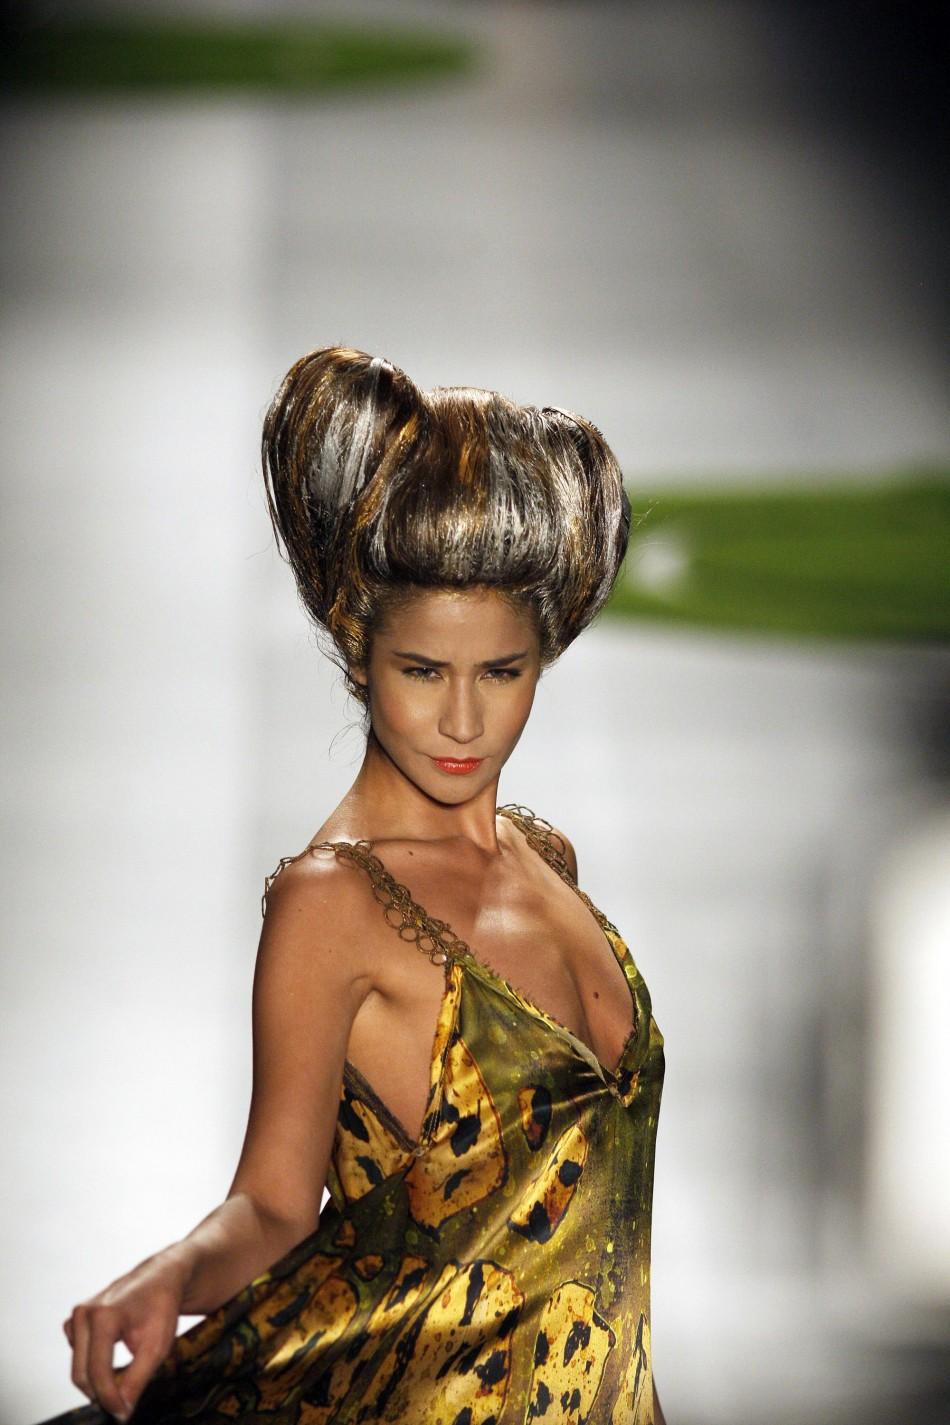 Colombiamoda 2013: Colombia Fashion Show